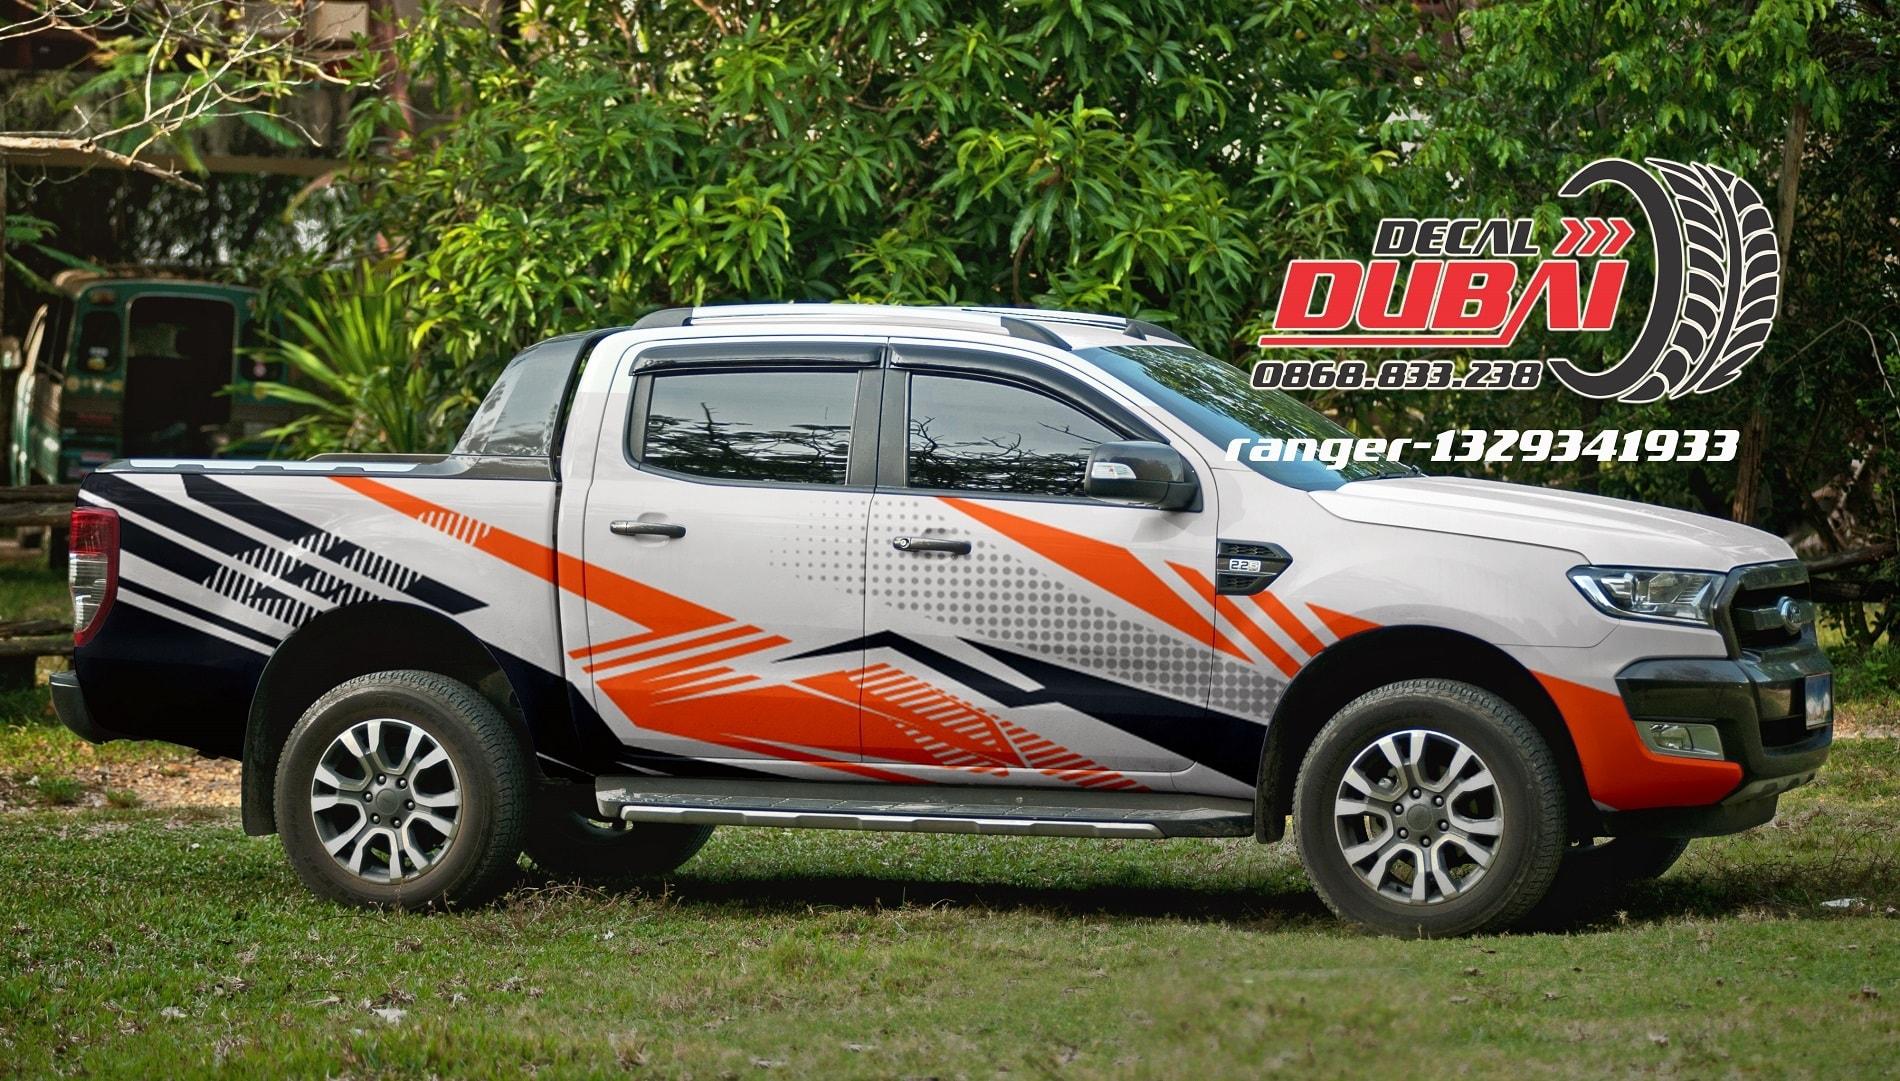 Tem xe Ford Ranger-1329341933-2200k